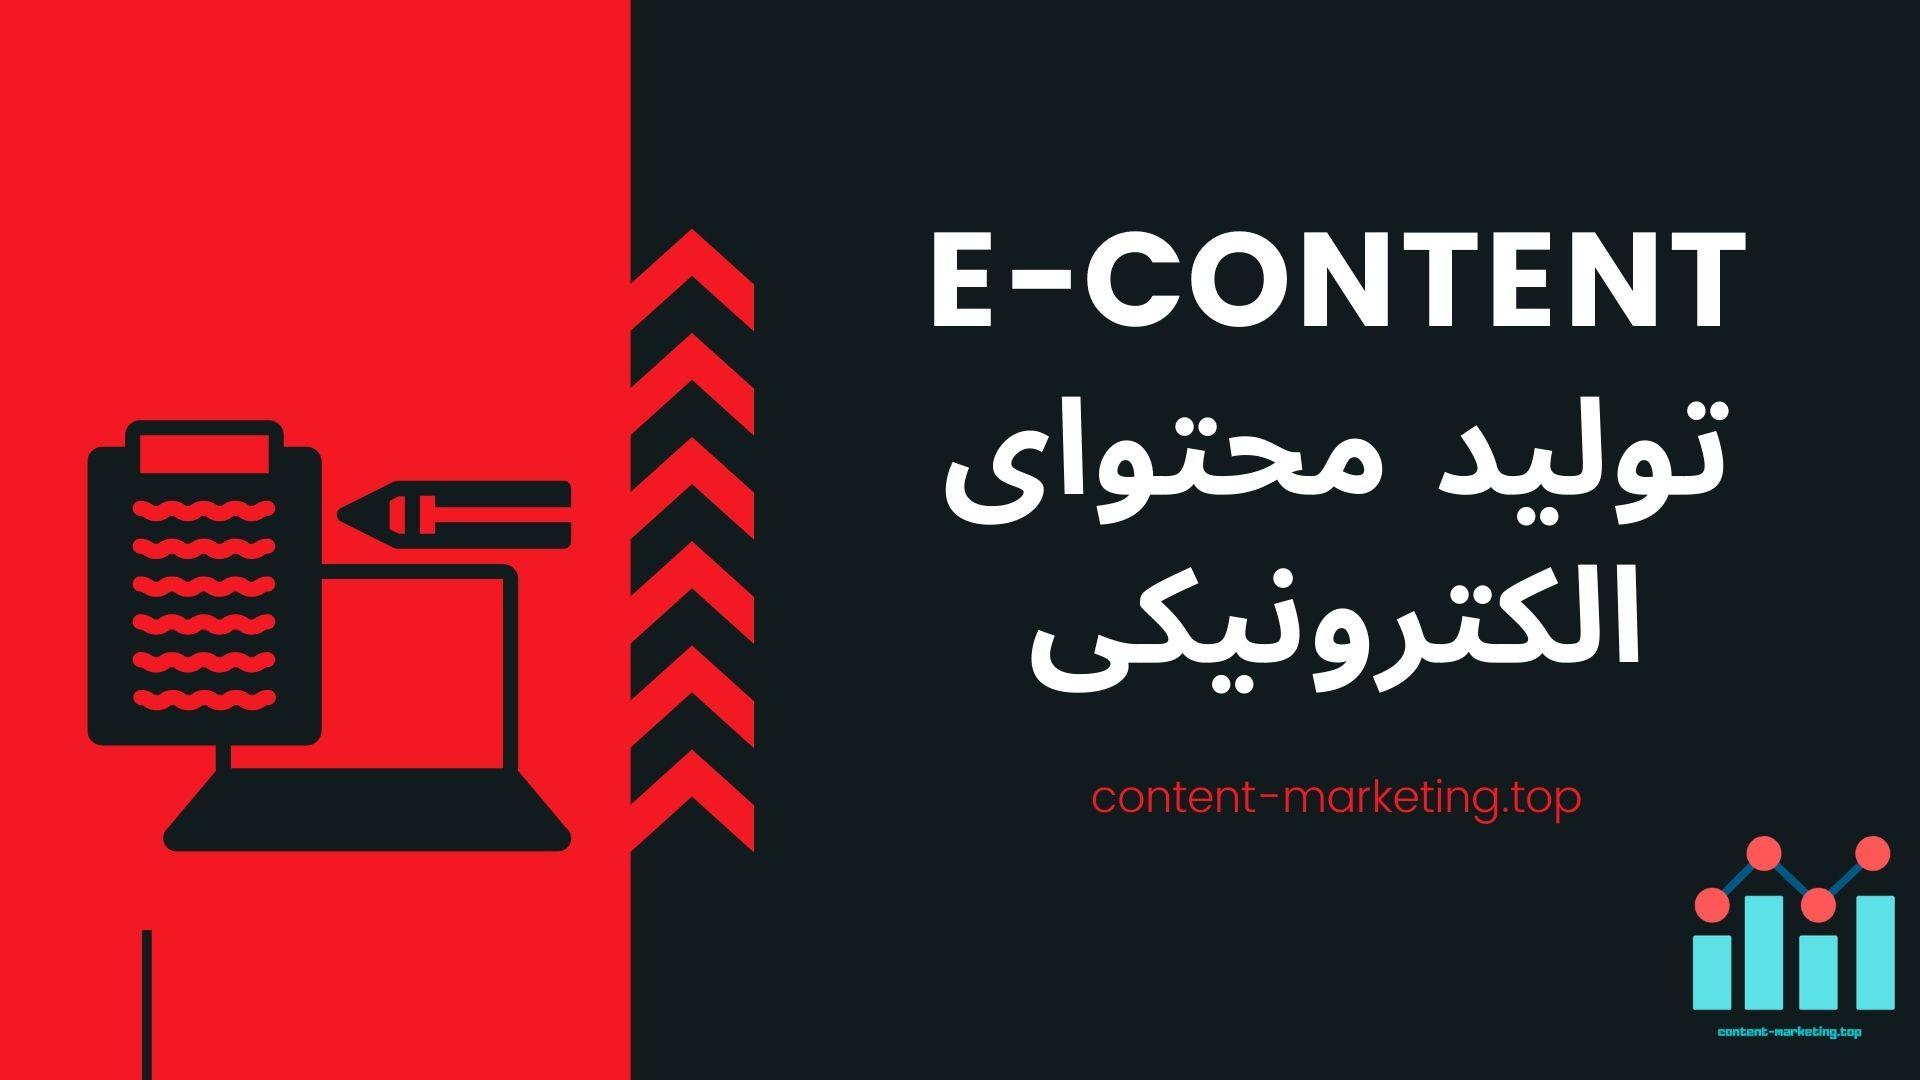 e-content تولید محتوای الكترونیكی